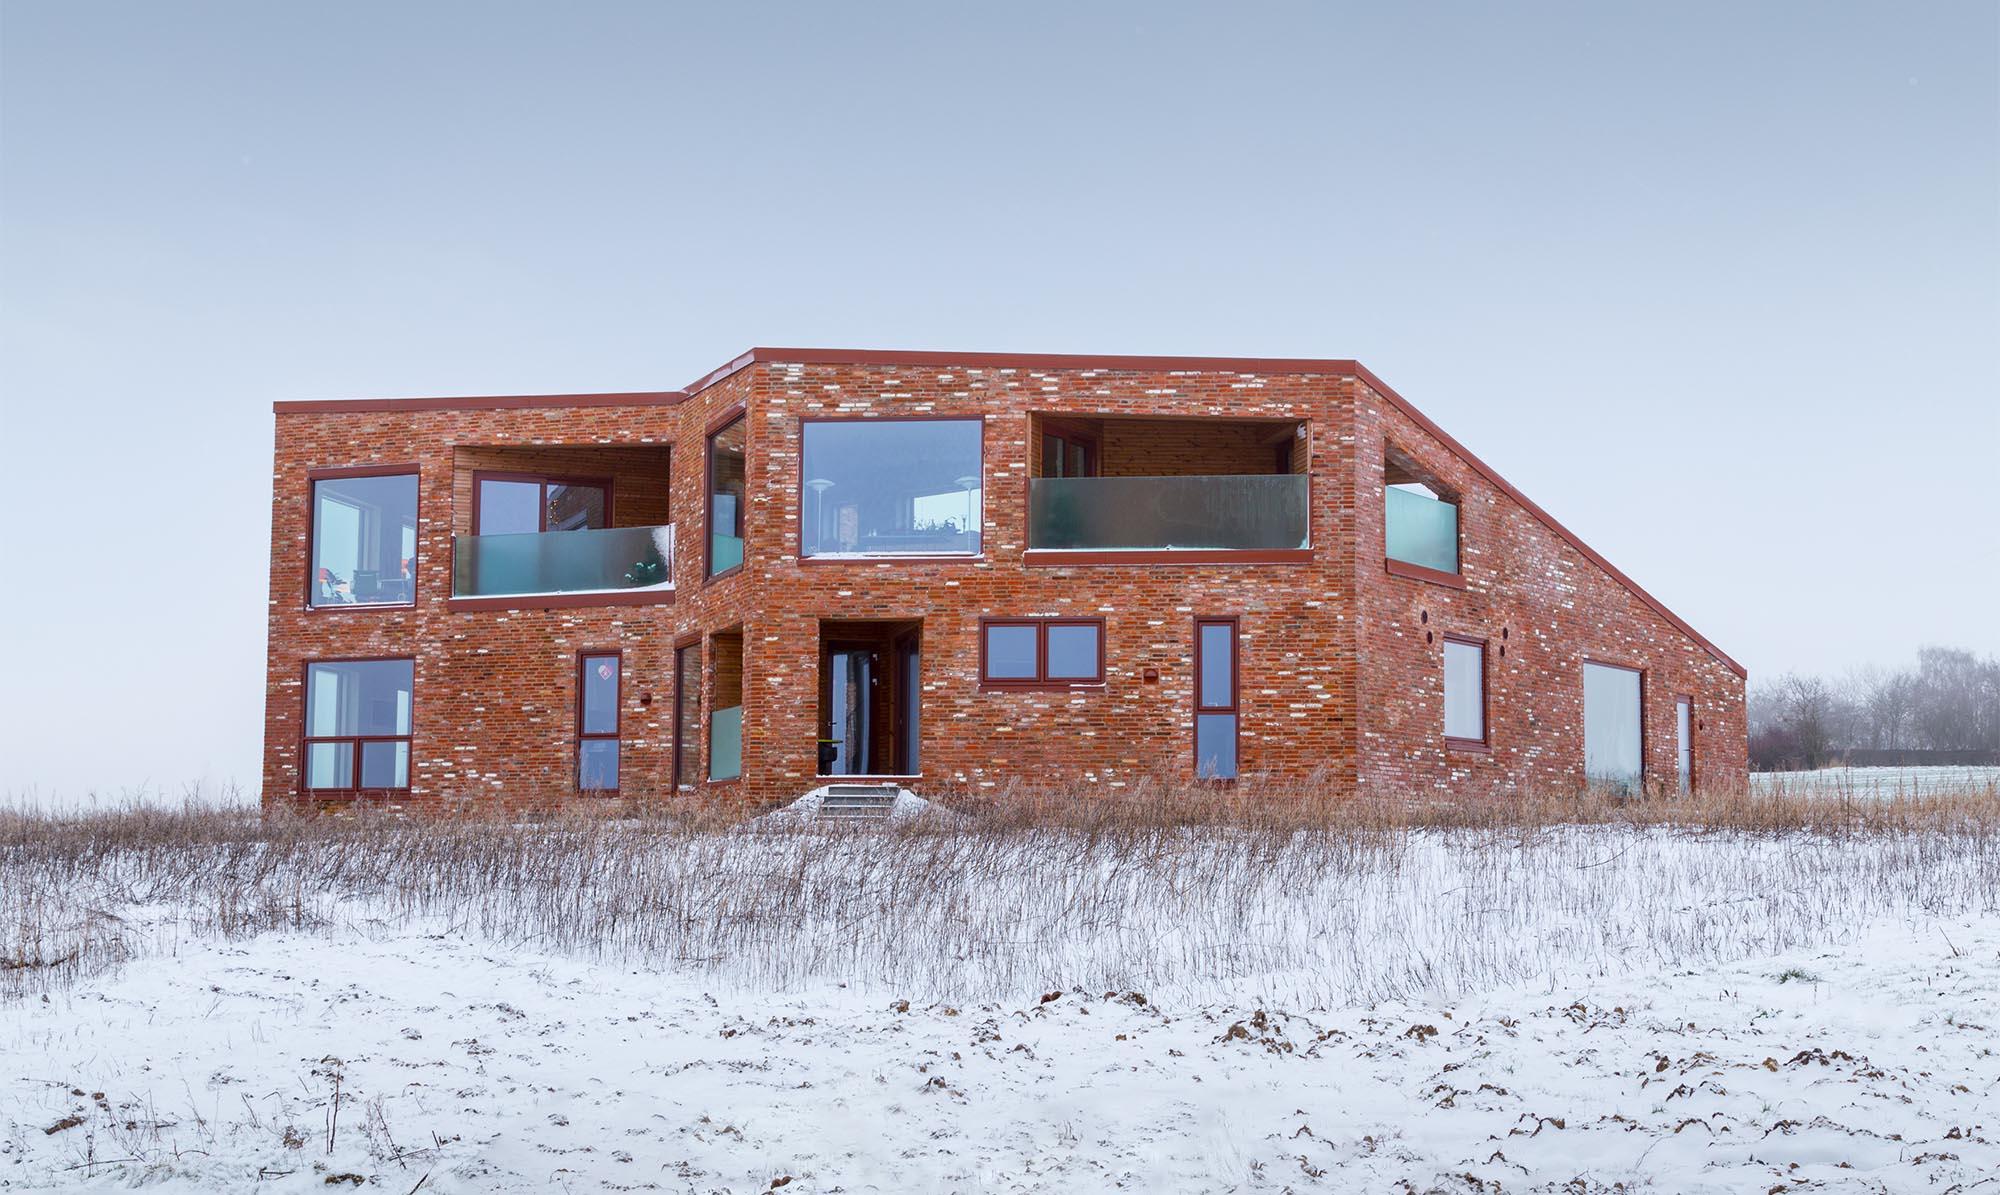 wienberg-architects-landsted-genbrugssten_374